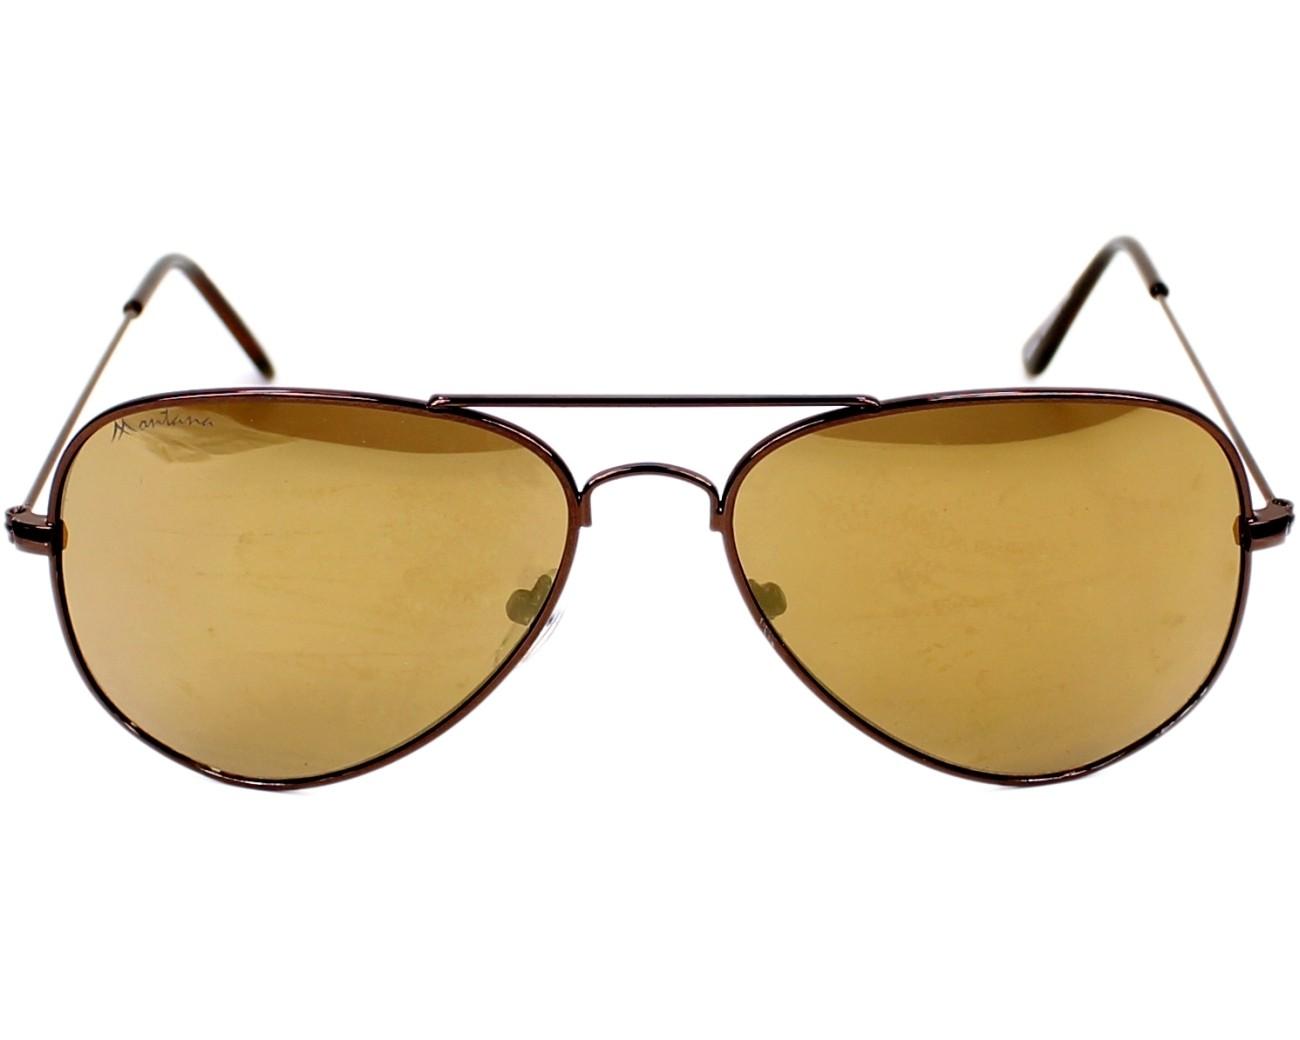 achat lunettes de soleil montana ms 94 d visionet. Black Bedroom Furniture Sets. Home Design Ideas